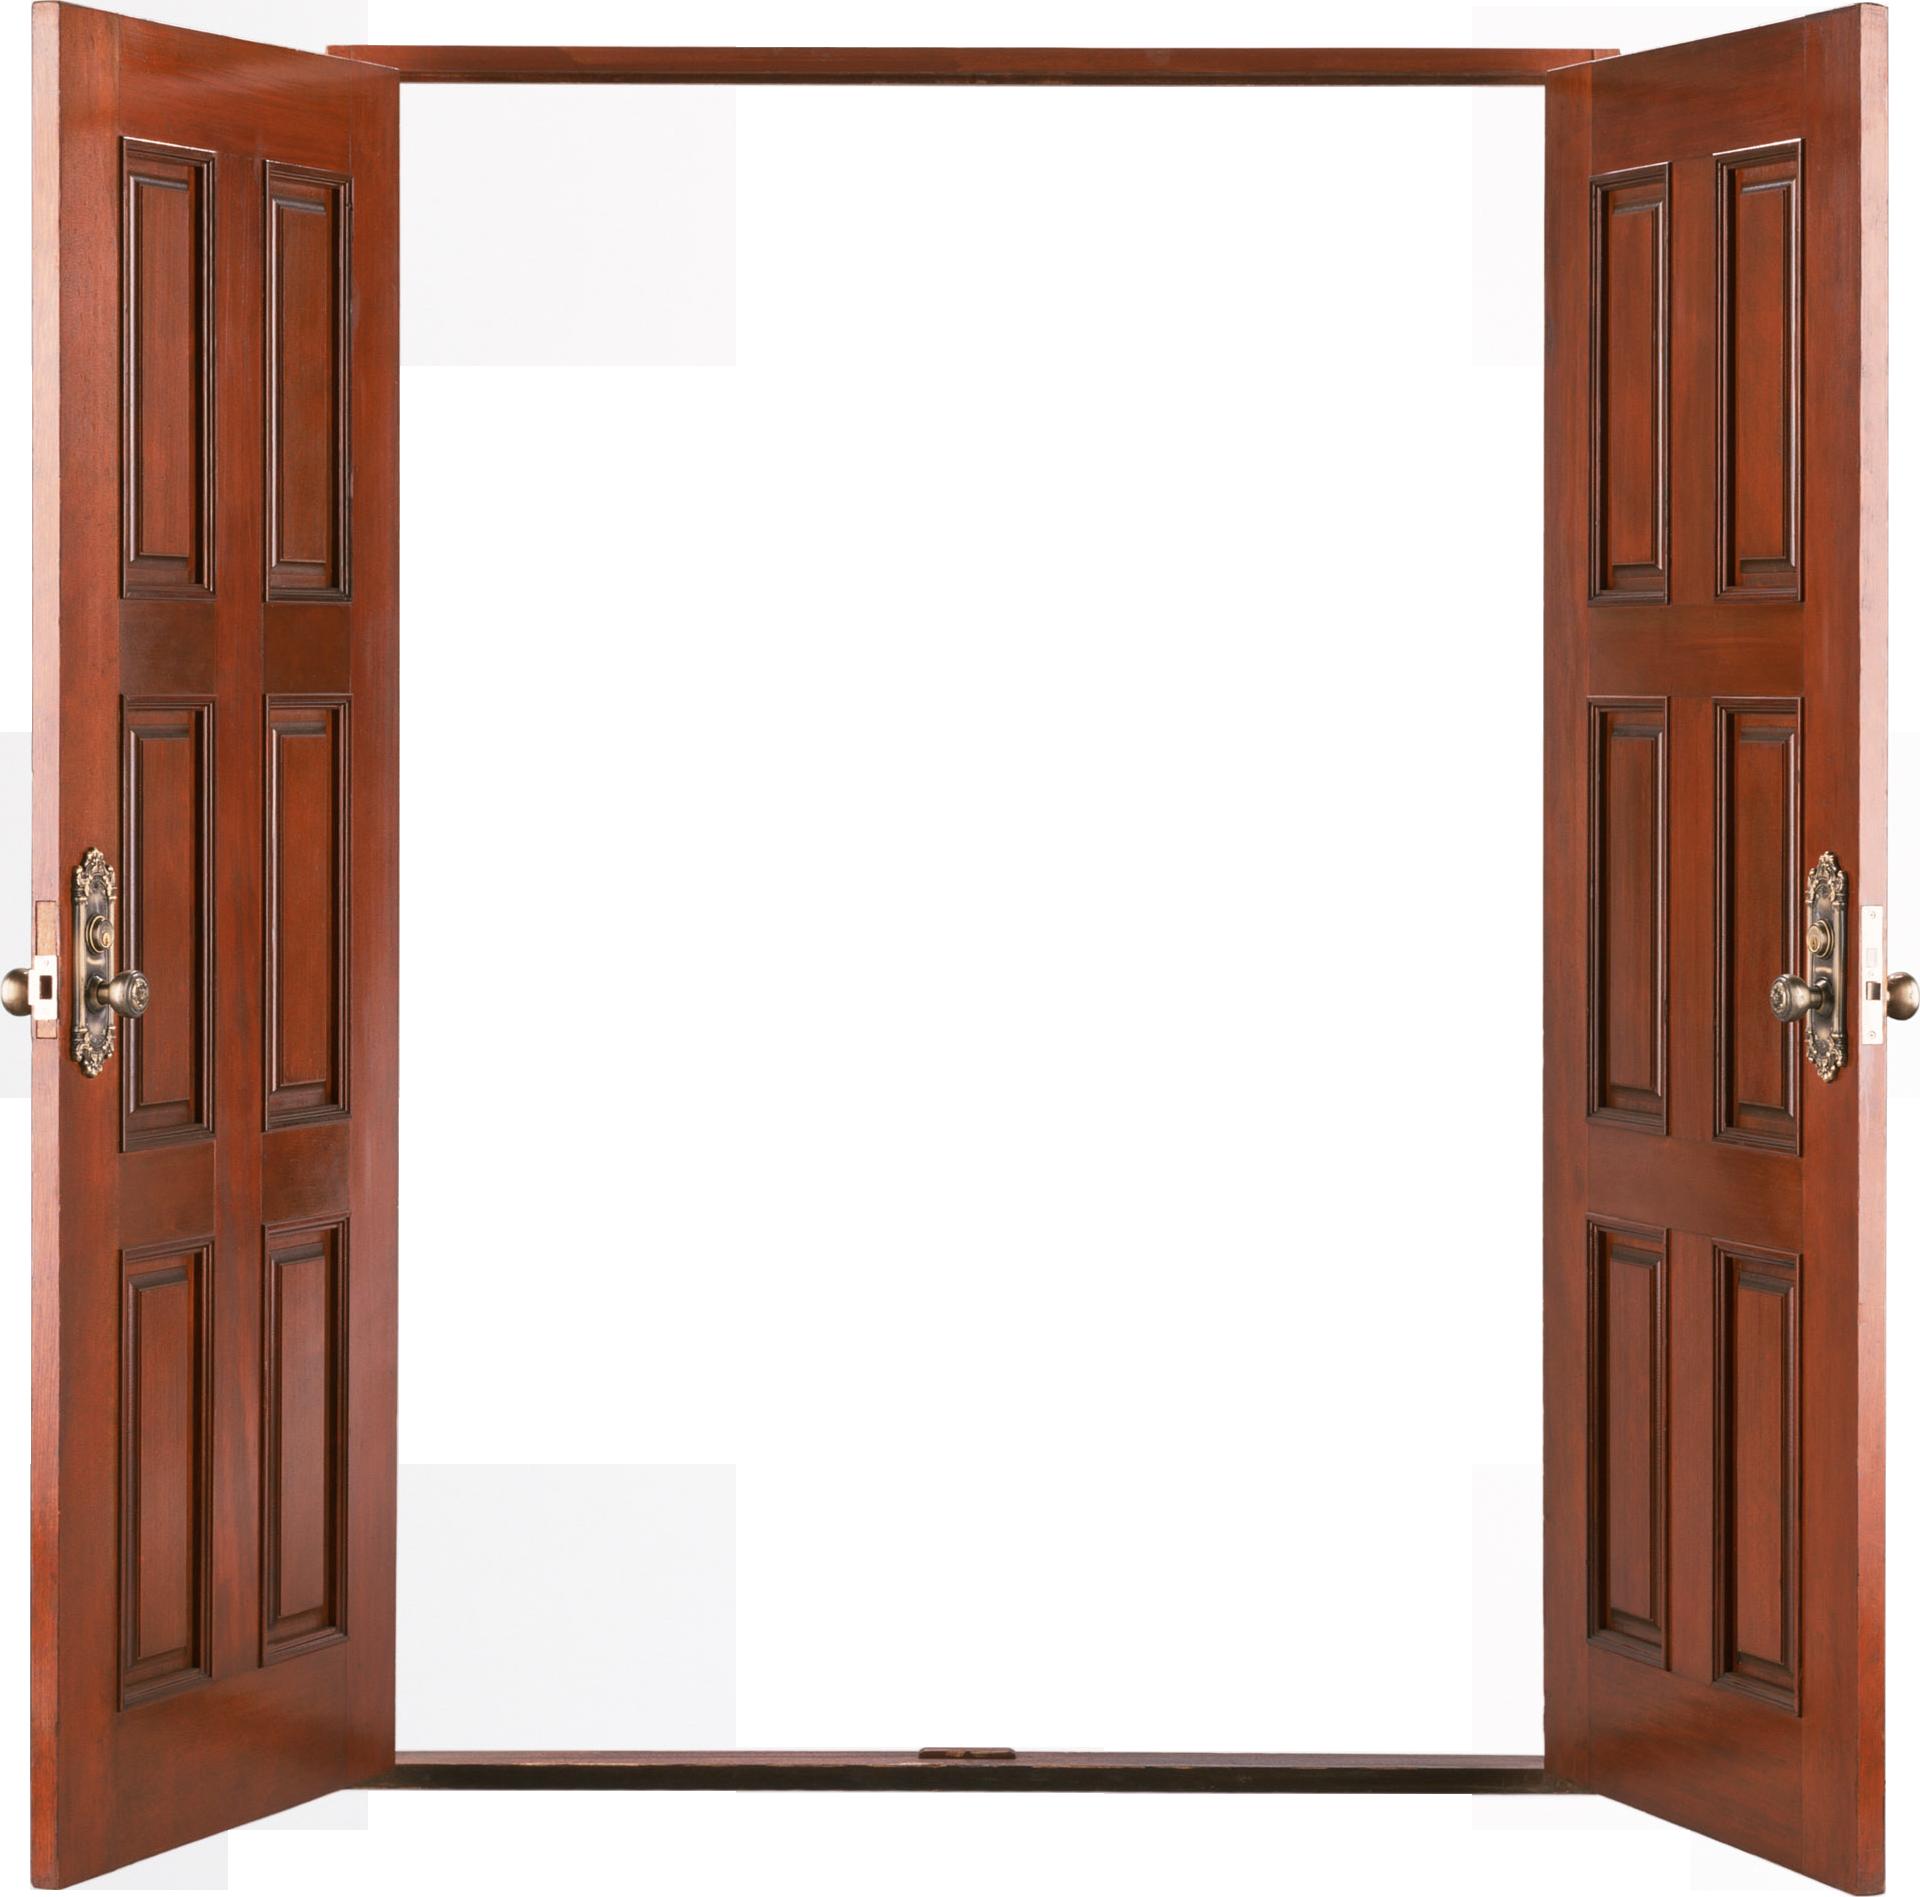 Door clipart dor. Png images wood open